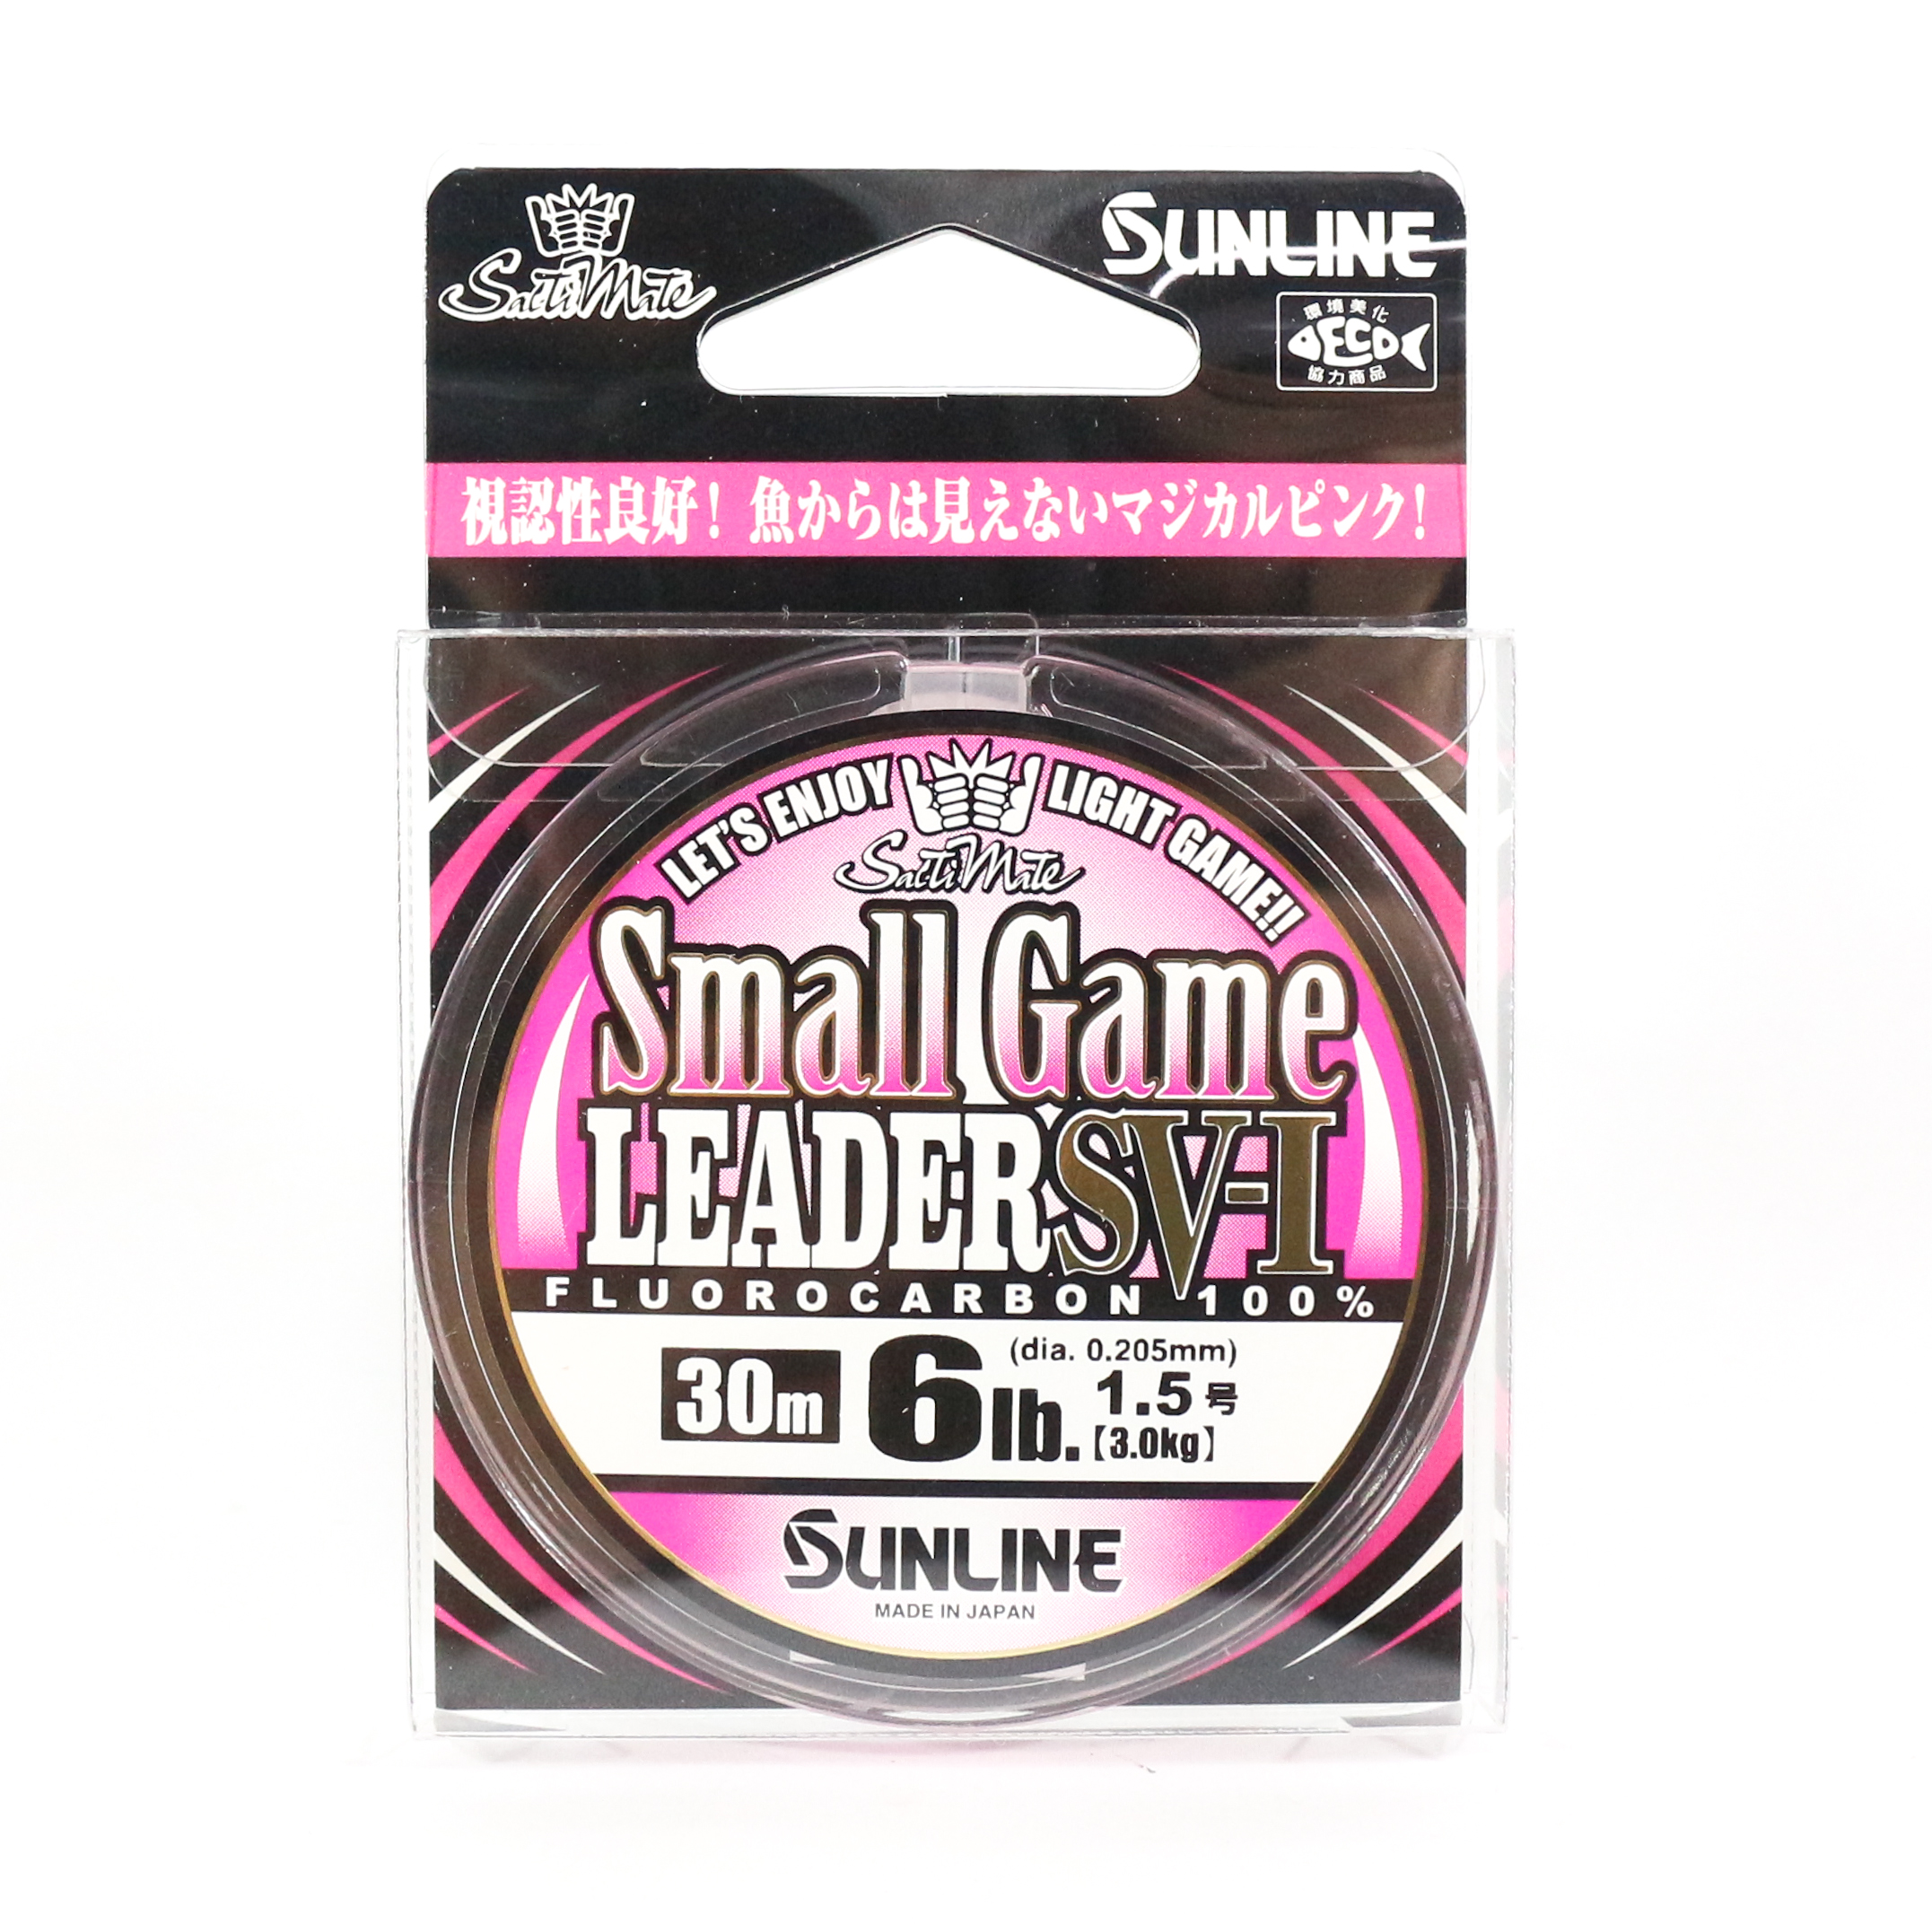 Sunline Fluorocarbon Shock Leader Line Cut In 50m 25lb 6733